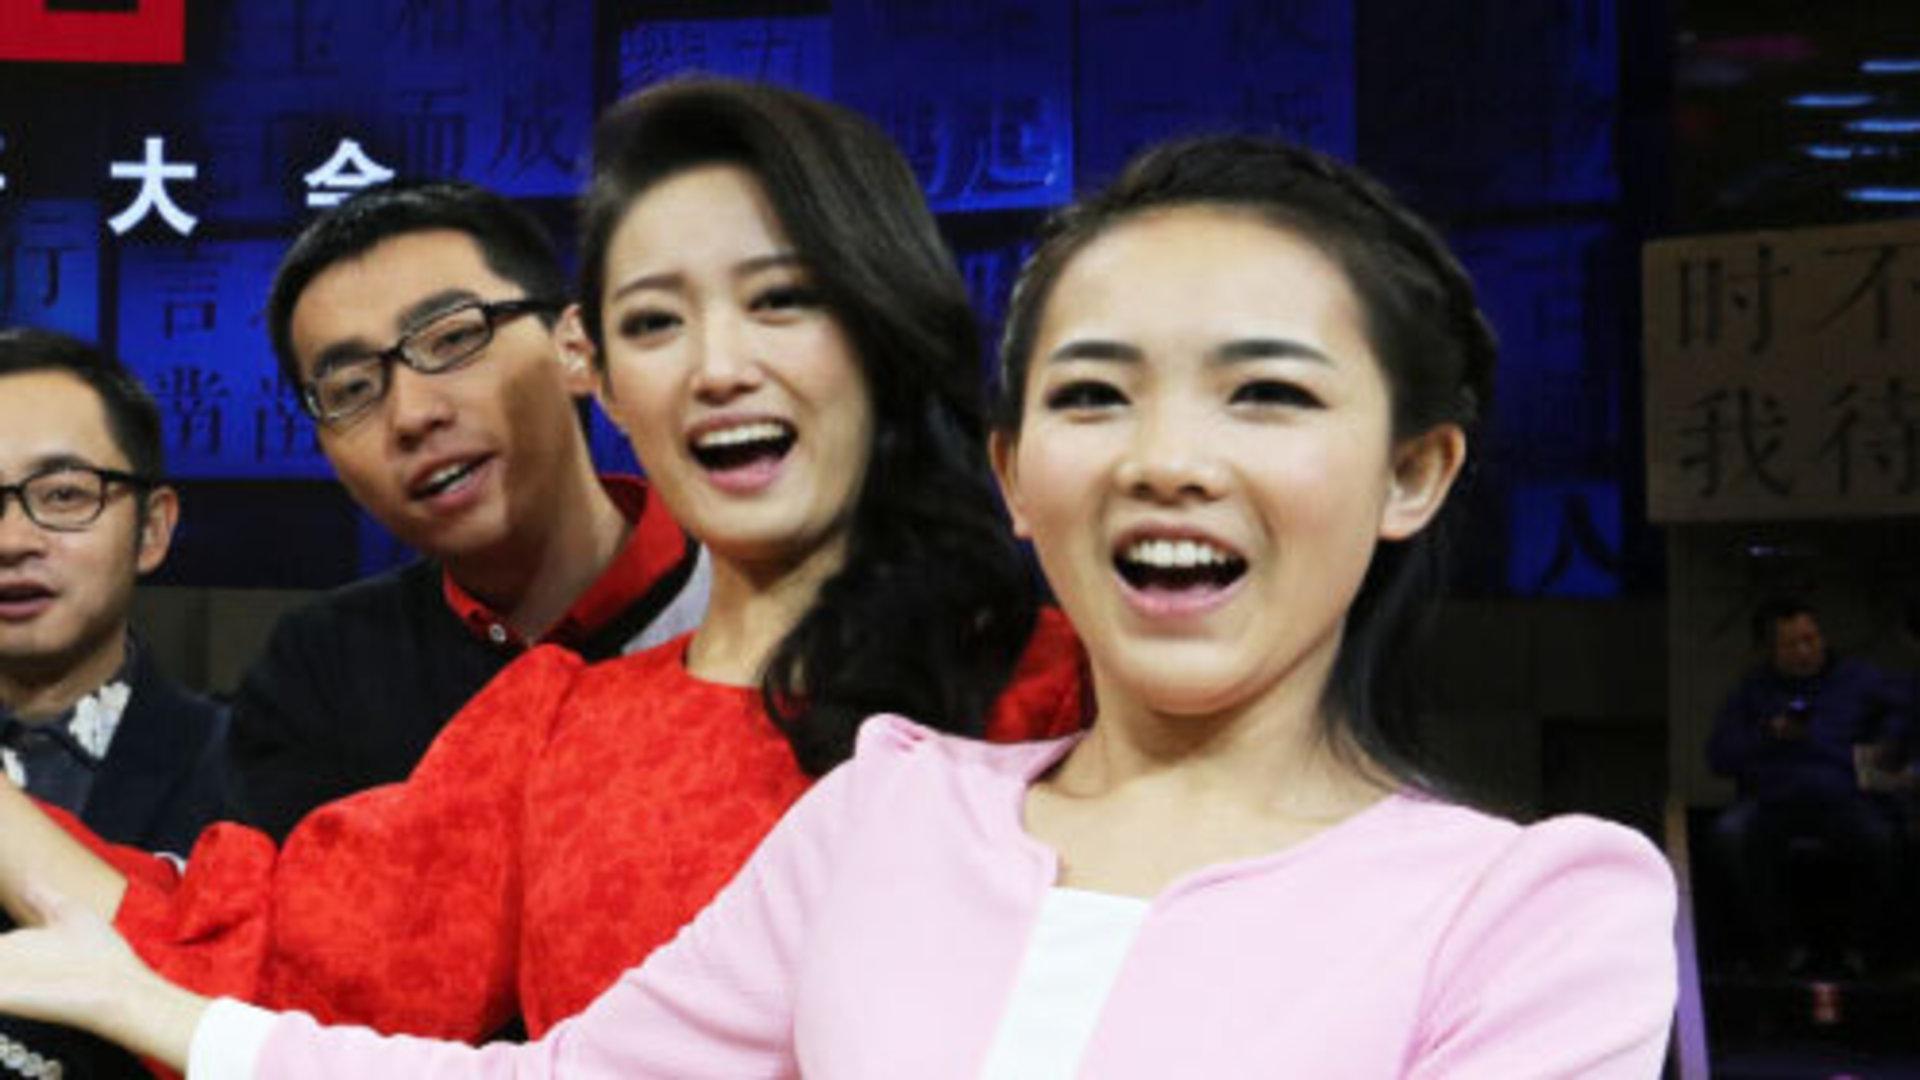 中国成语大会 第2季